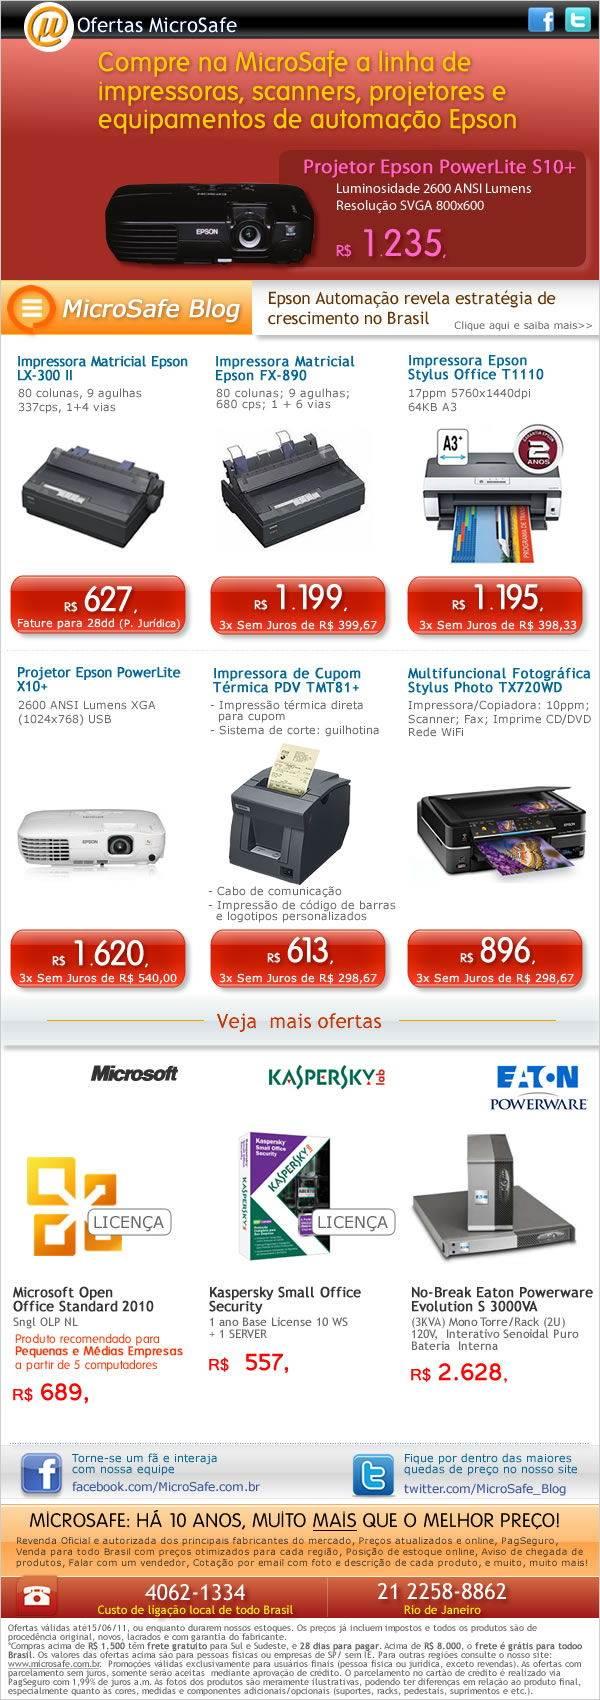 Compre a linha de impressoras, projetores e equipamentos de automação da Epson na MicroSafe!